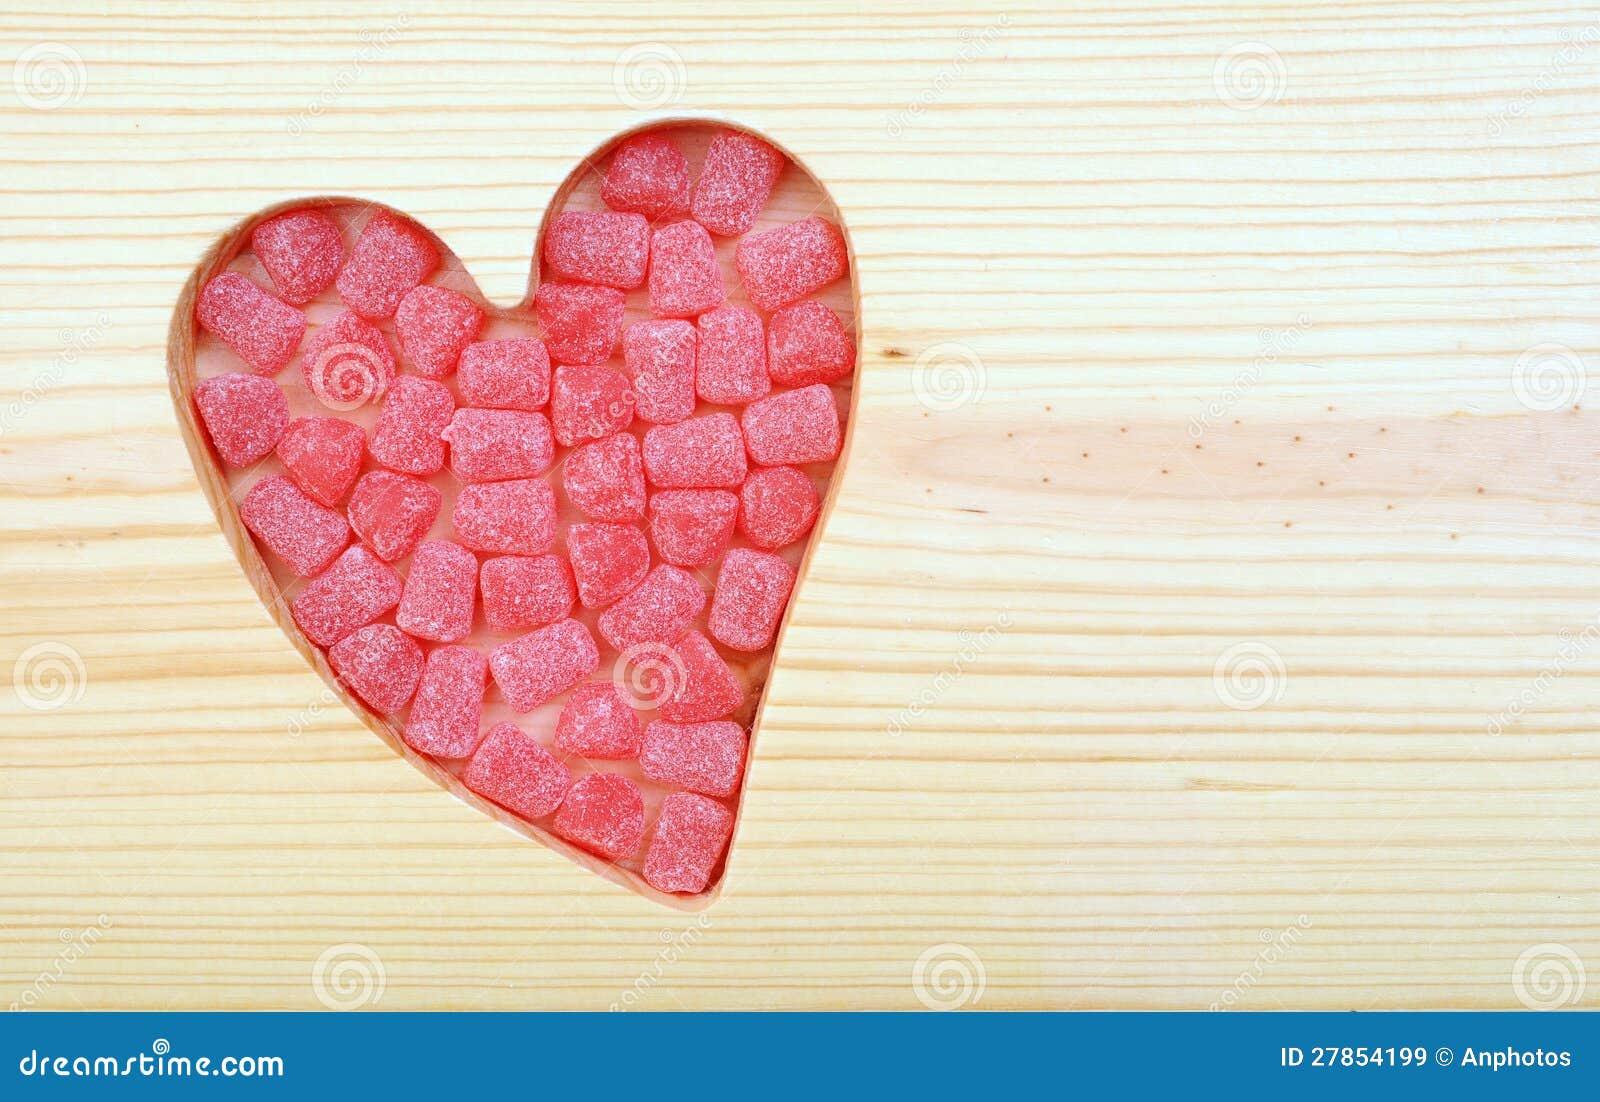 Walentynki koloru cukierek